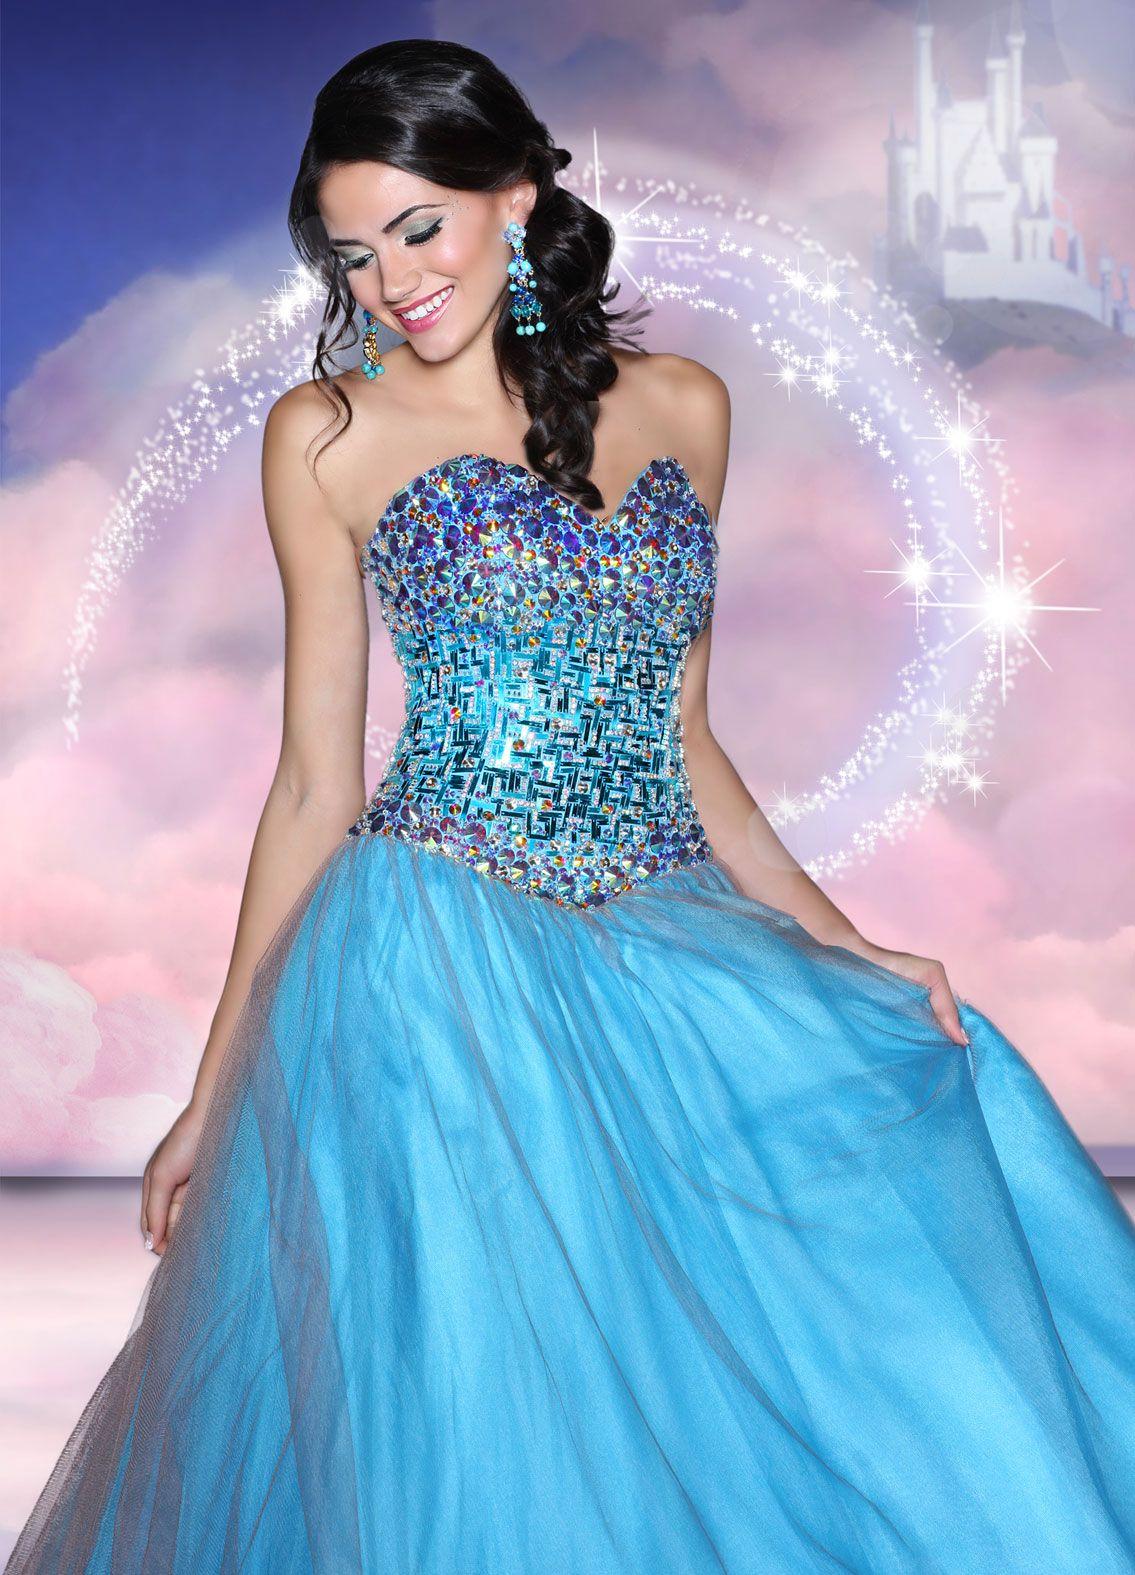 Disney forever enchanted prom dresses dresses pinterest prom